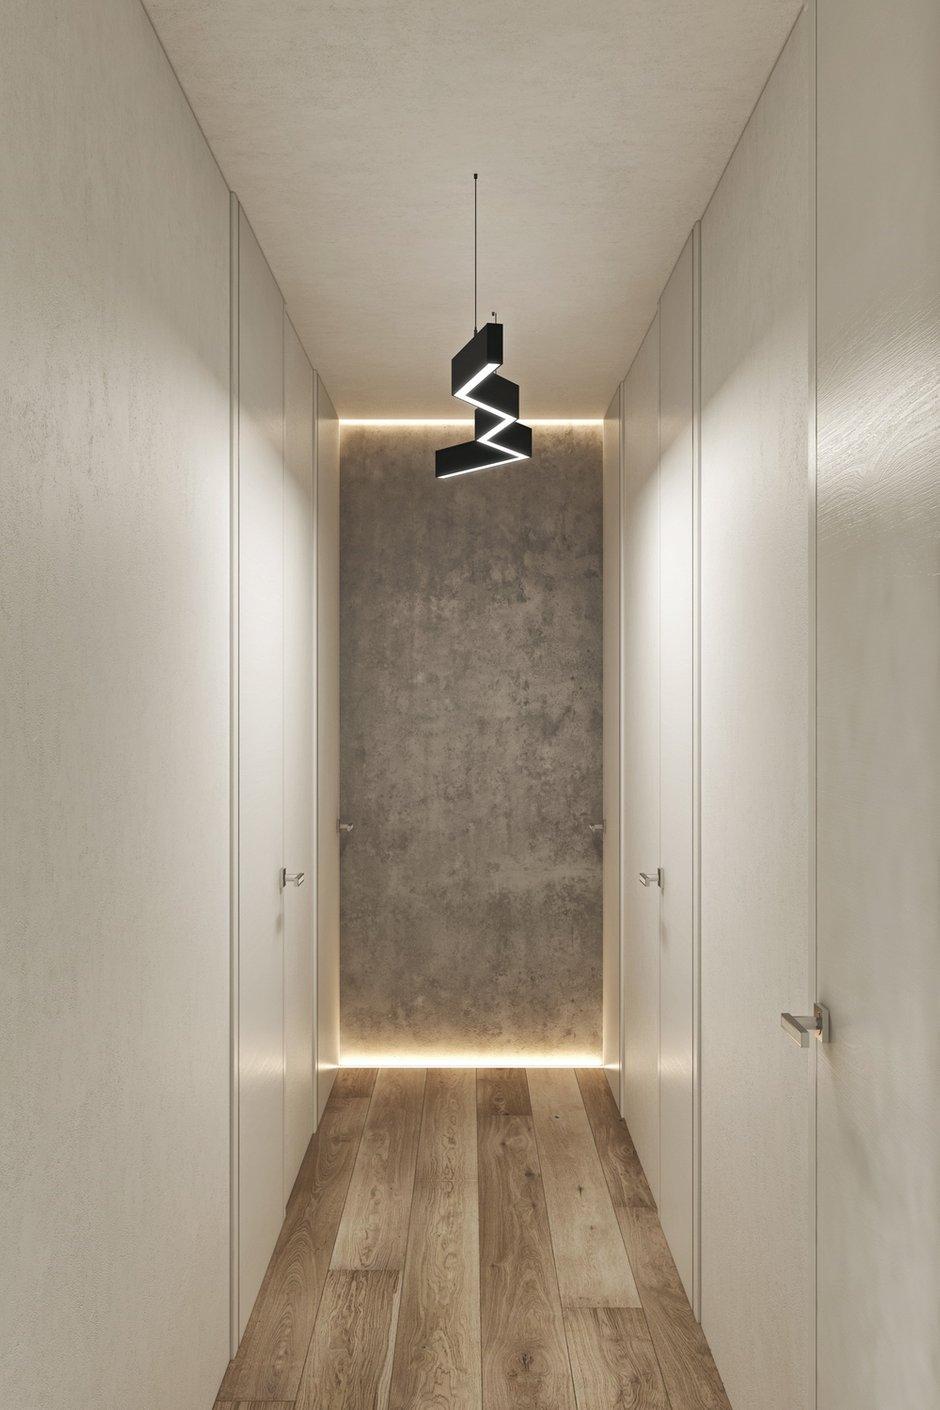 Фотография: Прихожая в стиле Современный, Квартира, Проект недели, Москва, Geometrium, Монолитный дом, 3 комнаты, Более 90 метров, ЖК «Лайнер» – фото на INMYROOM